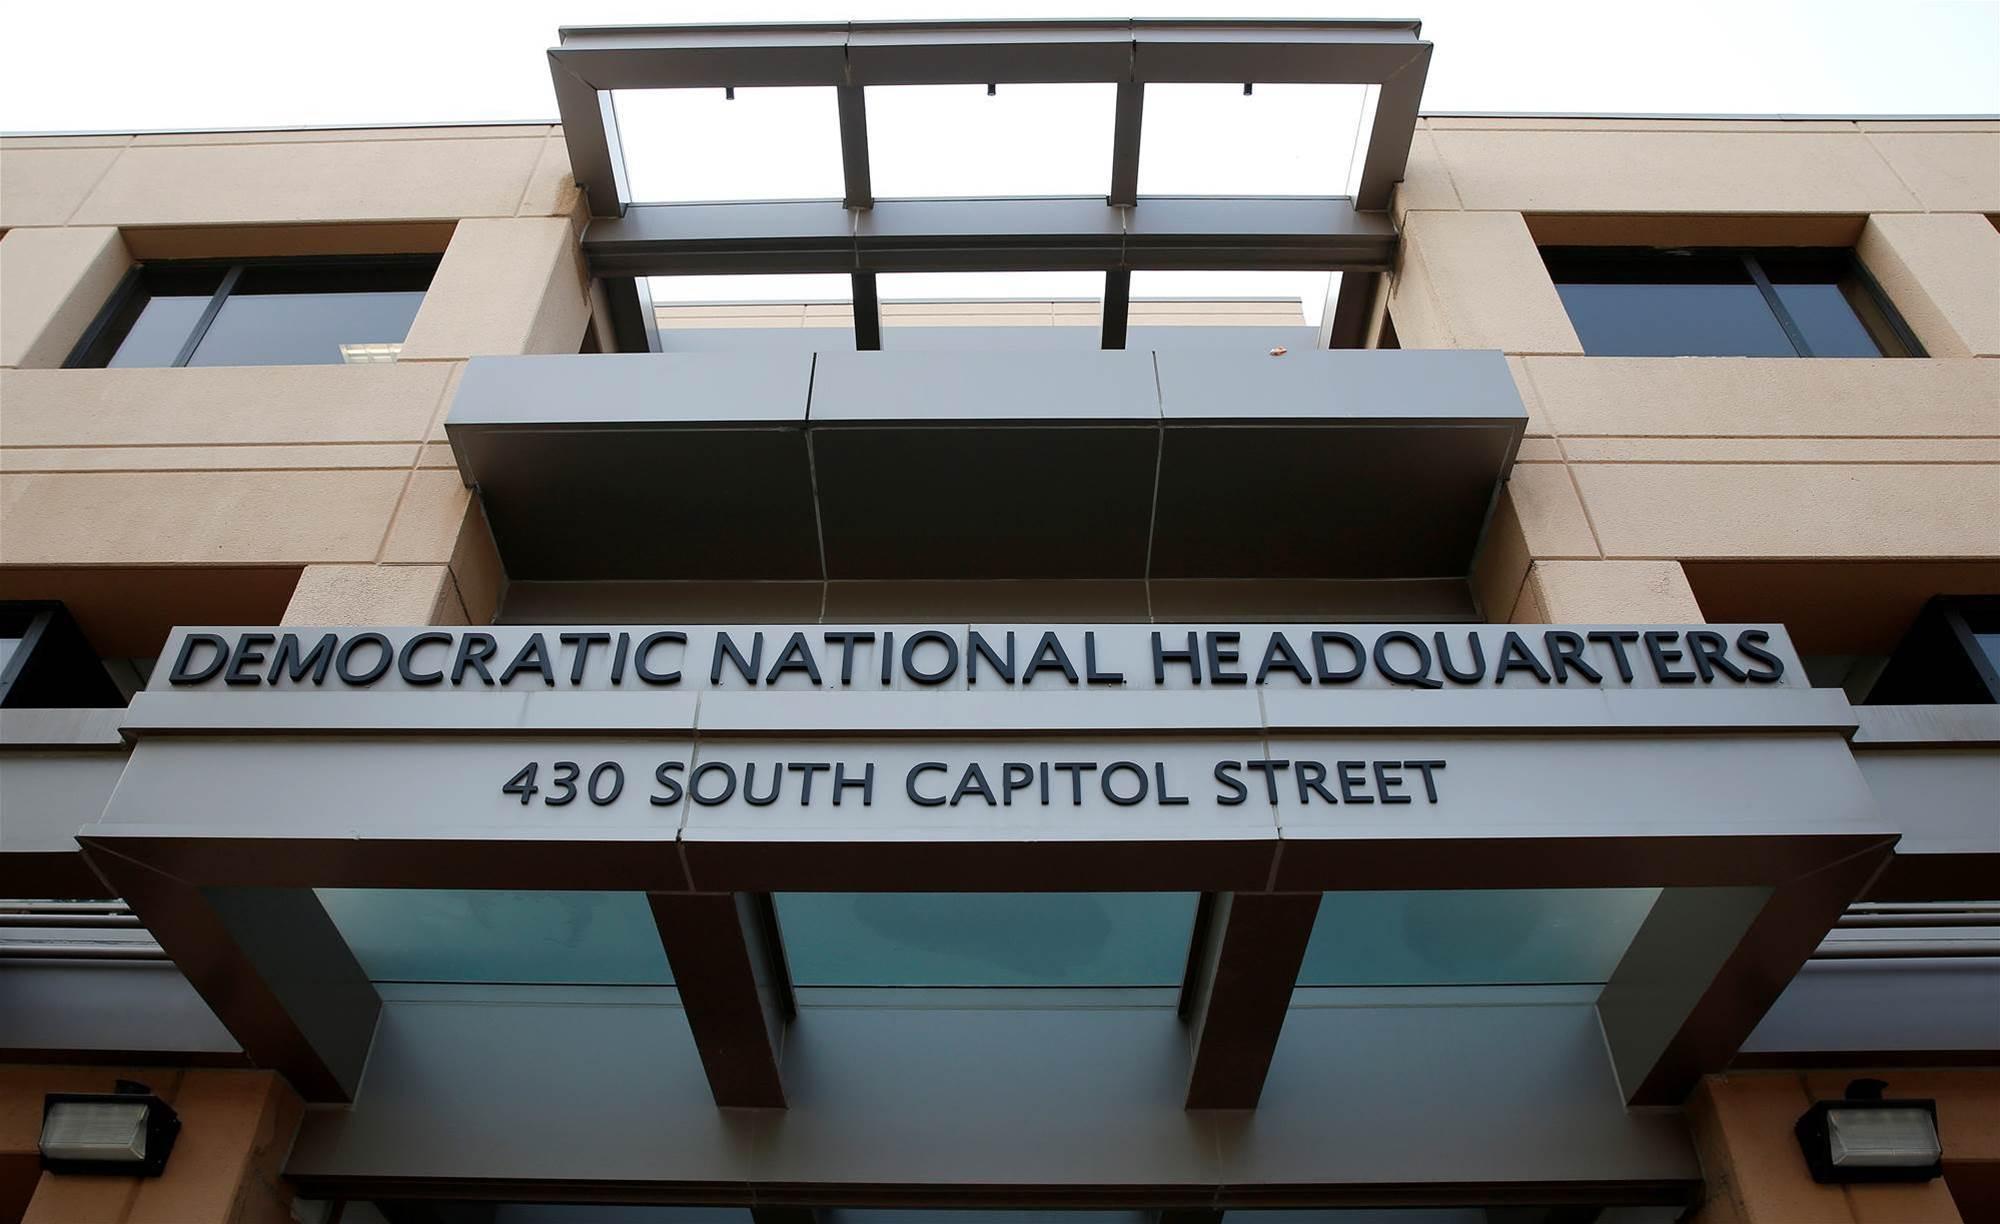 US Democrats say hack alert was false alarm